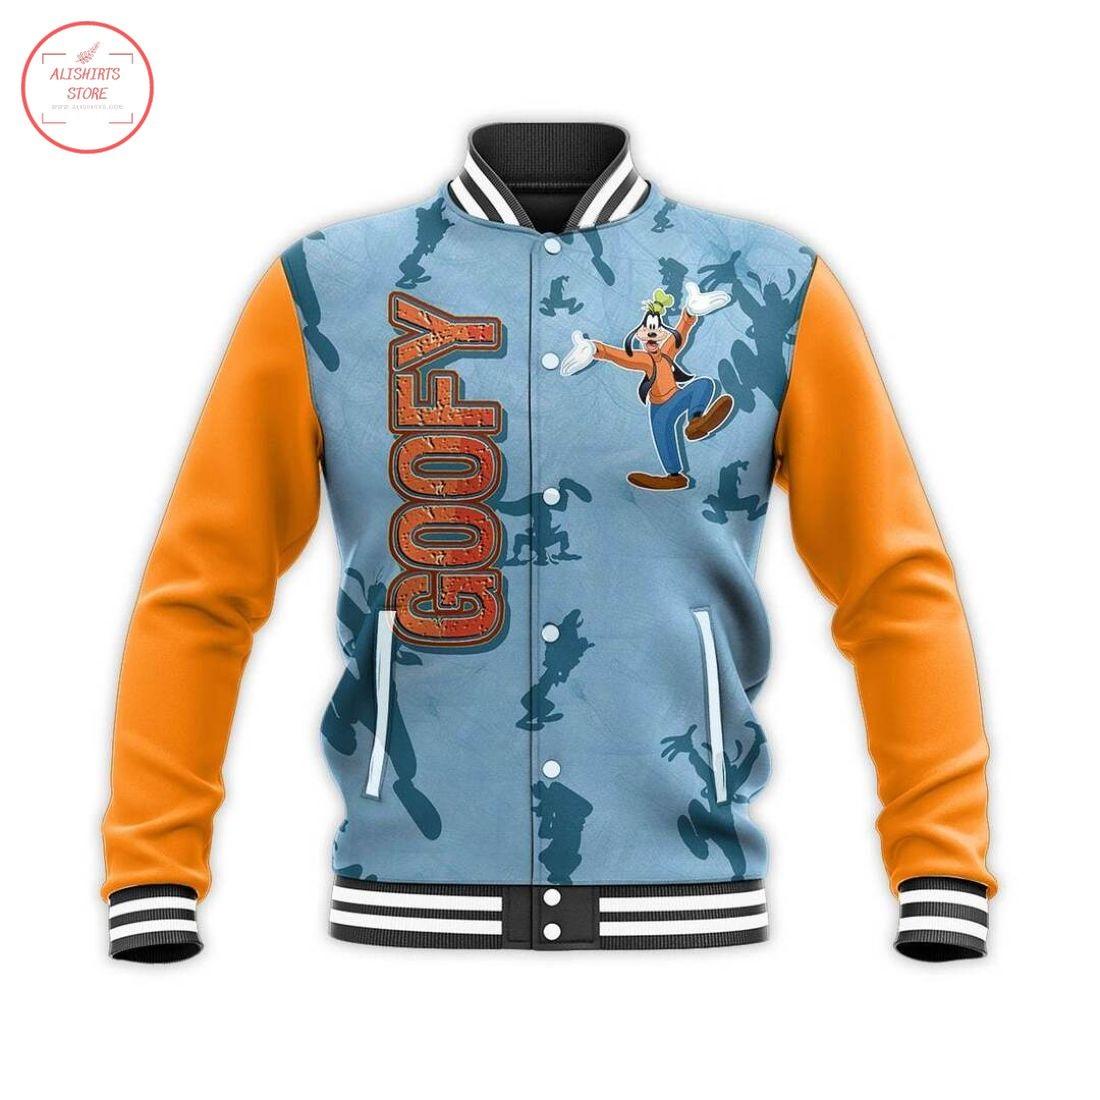 Goofy Dog Disney Letterman Jacket